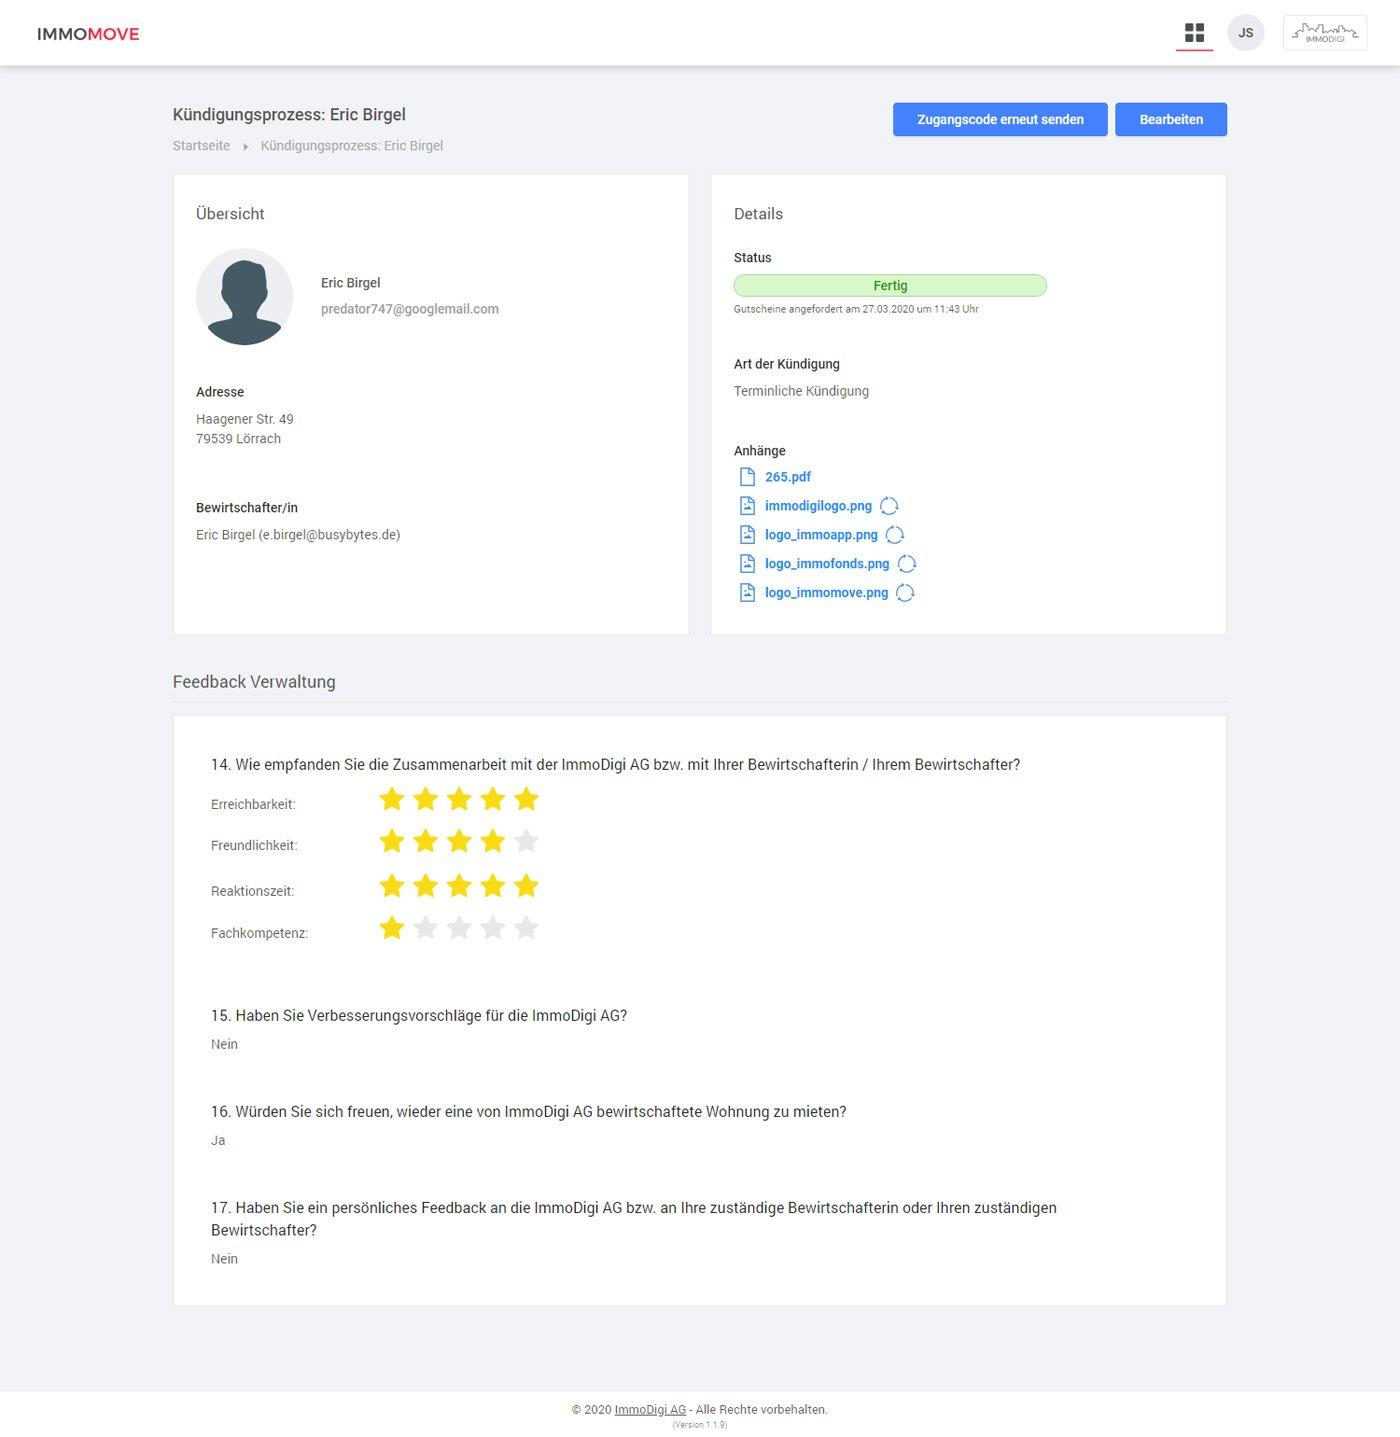 Verwaltung - Kündigung Daten